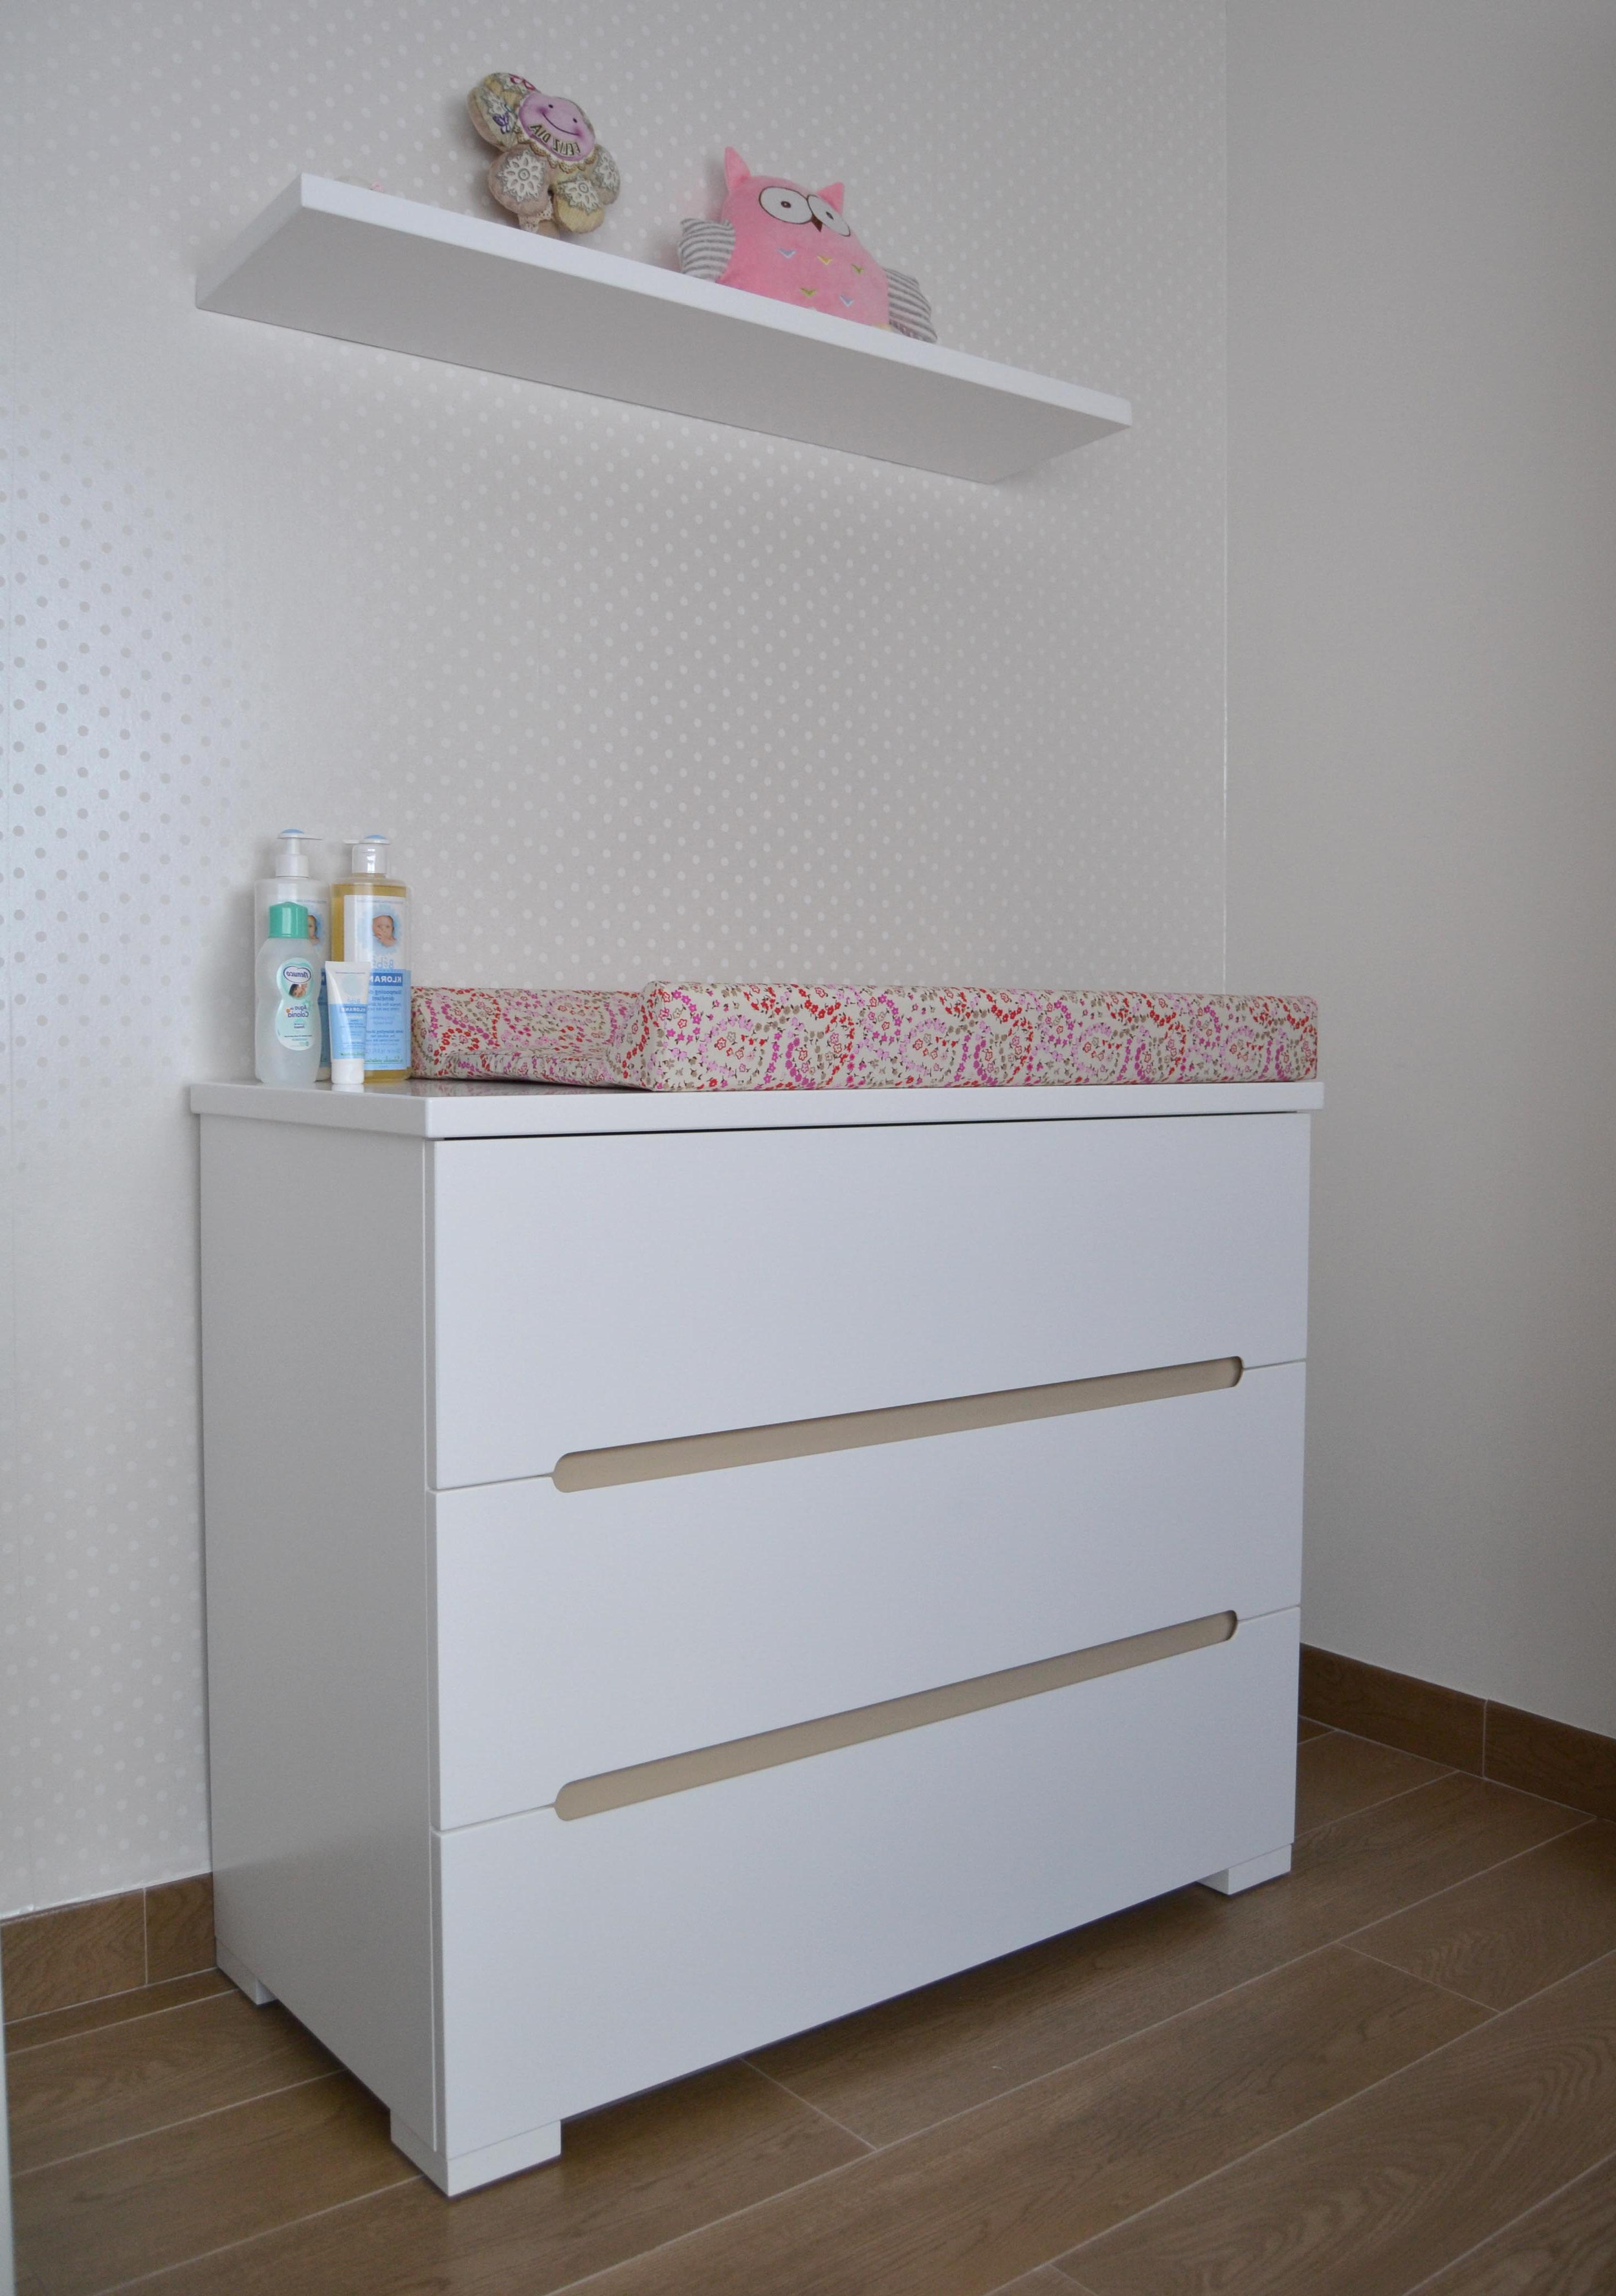 Comoda Habitacion Ftd8 La Preciosa Habitacià N De Valeria Villalba Interiorismo